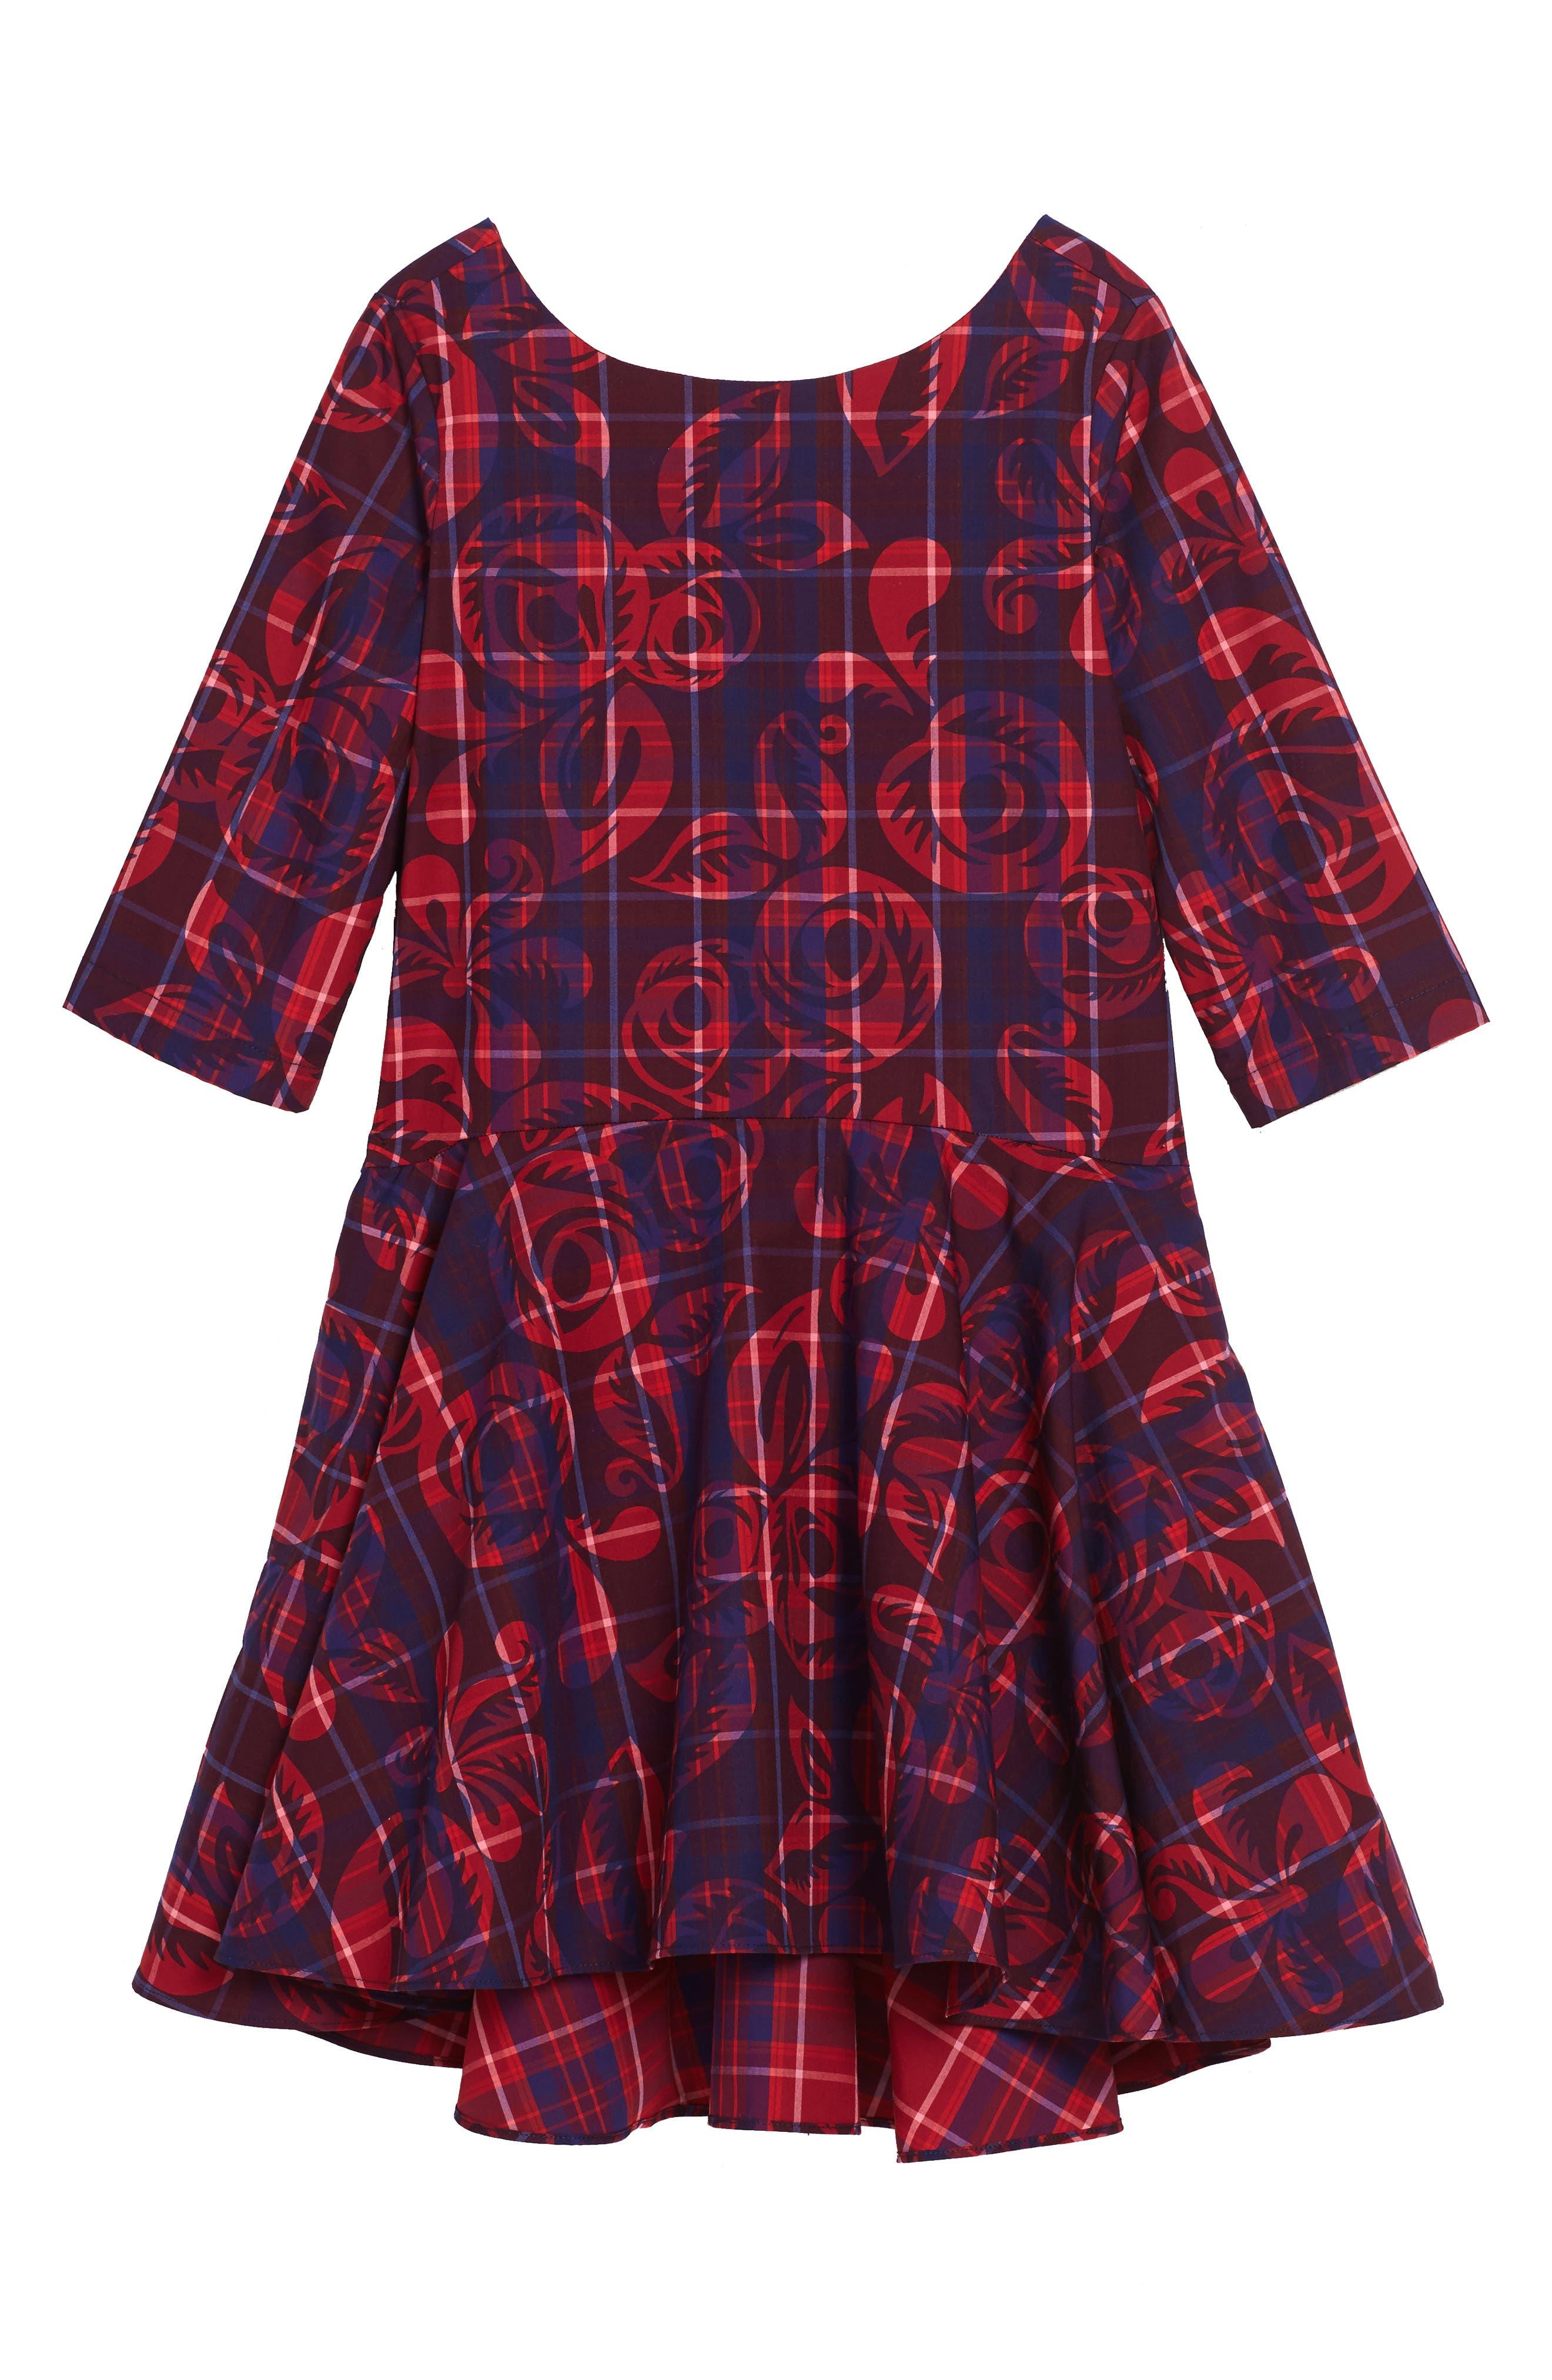 Main Image - Tea Collection Culzean Plaid Dress (Toddler Girls, Little Girls & Big Girls)